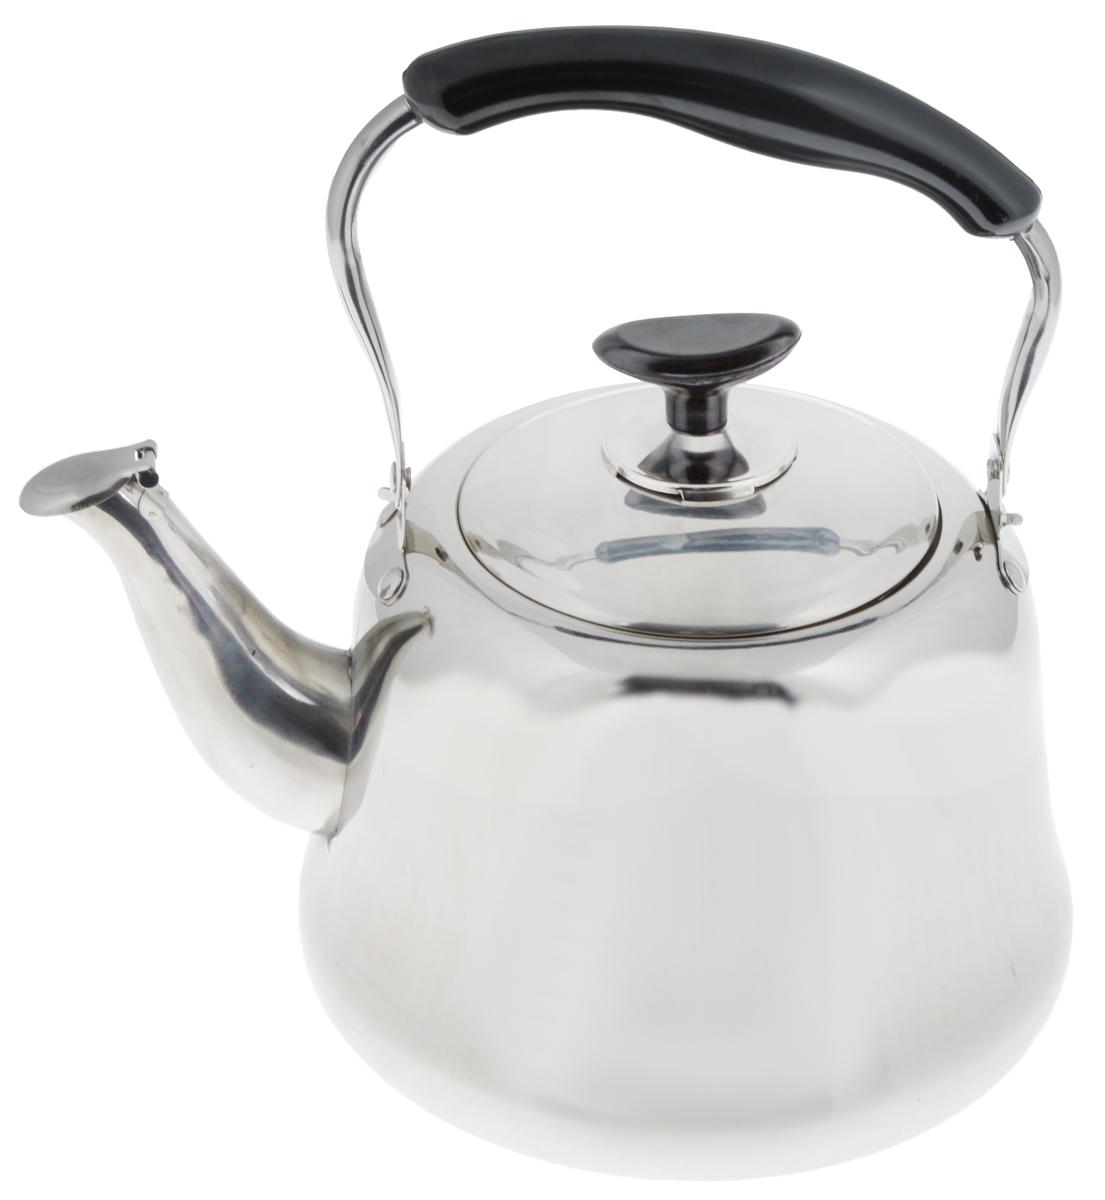 Чайник Mayer & Boch, со свистком, 3 л. 2350623506Чайник Mayer & Boch изготовлен из высококачественной нержавеющей стали. Он оснащен подвижной ручкой из бакелита, что делает использование чайника очень удобным и безопасным. Крышка снабжена свистком, позволяя контролировать процесс подогрева или кипячения воды. Капсулированное дно с прослойкой из алюминия обеспечивает наилучшее распределение тепла. Эстетичный и функциональный, с эксклюзивным дизайном, чайник будет оригинально смотреться в любом интерьере.Подходит для стеклокерамических, газовых и электрических плит.Высота чайника (без учета ручки и крышки): 13,5 см.Высота чайника (с учетом ручки и крышки): 26 см.Диаметр чайника (по верхнему краю): 11 см.